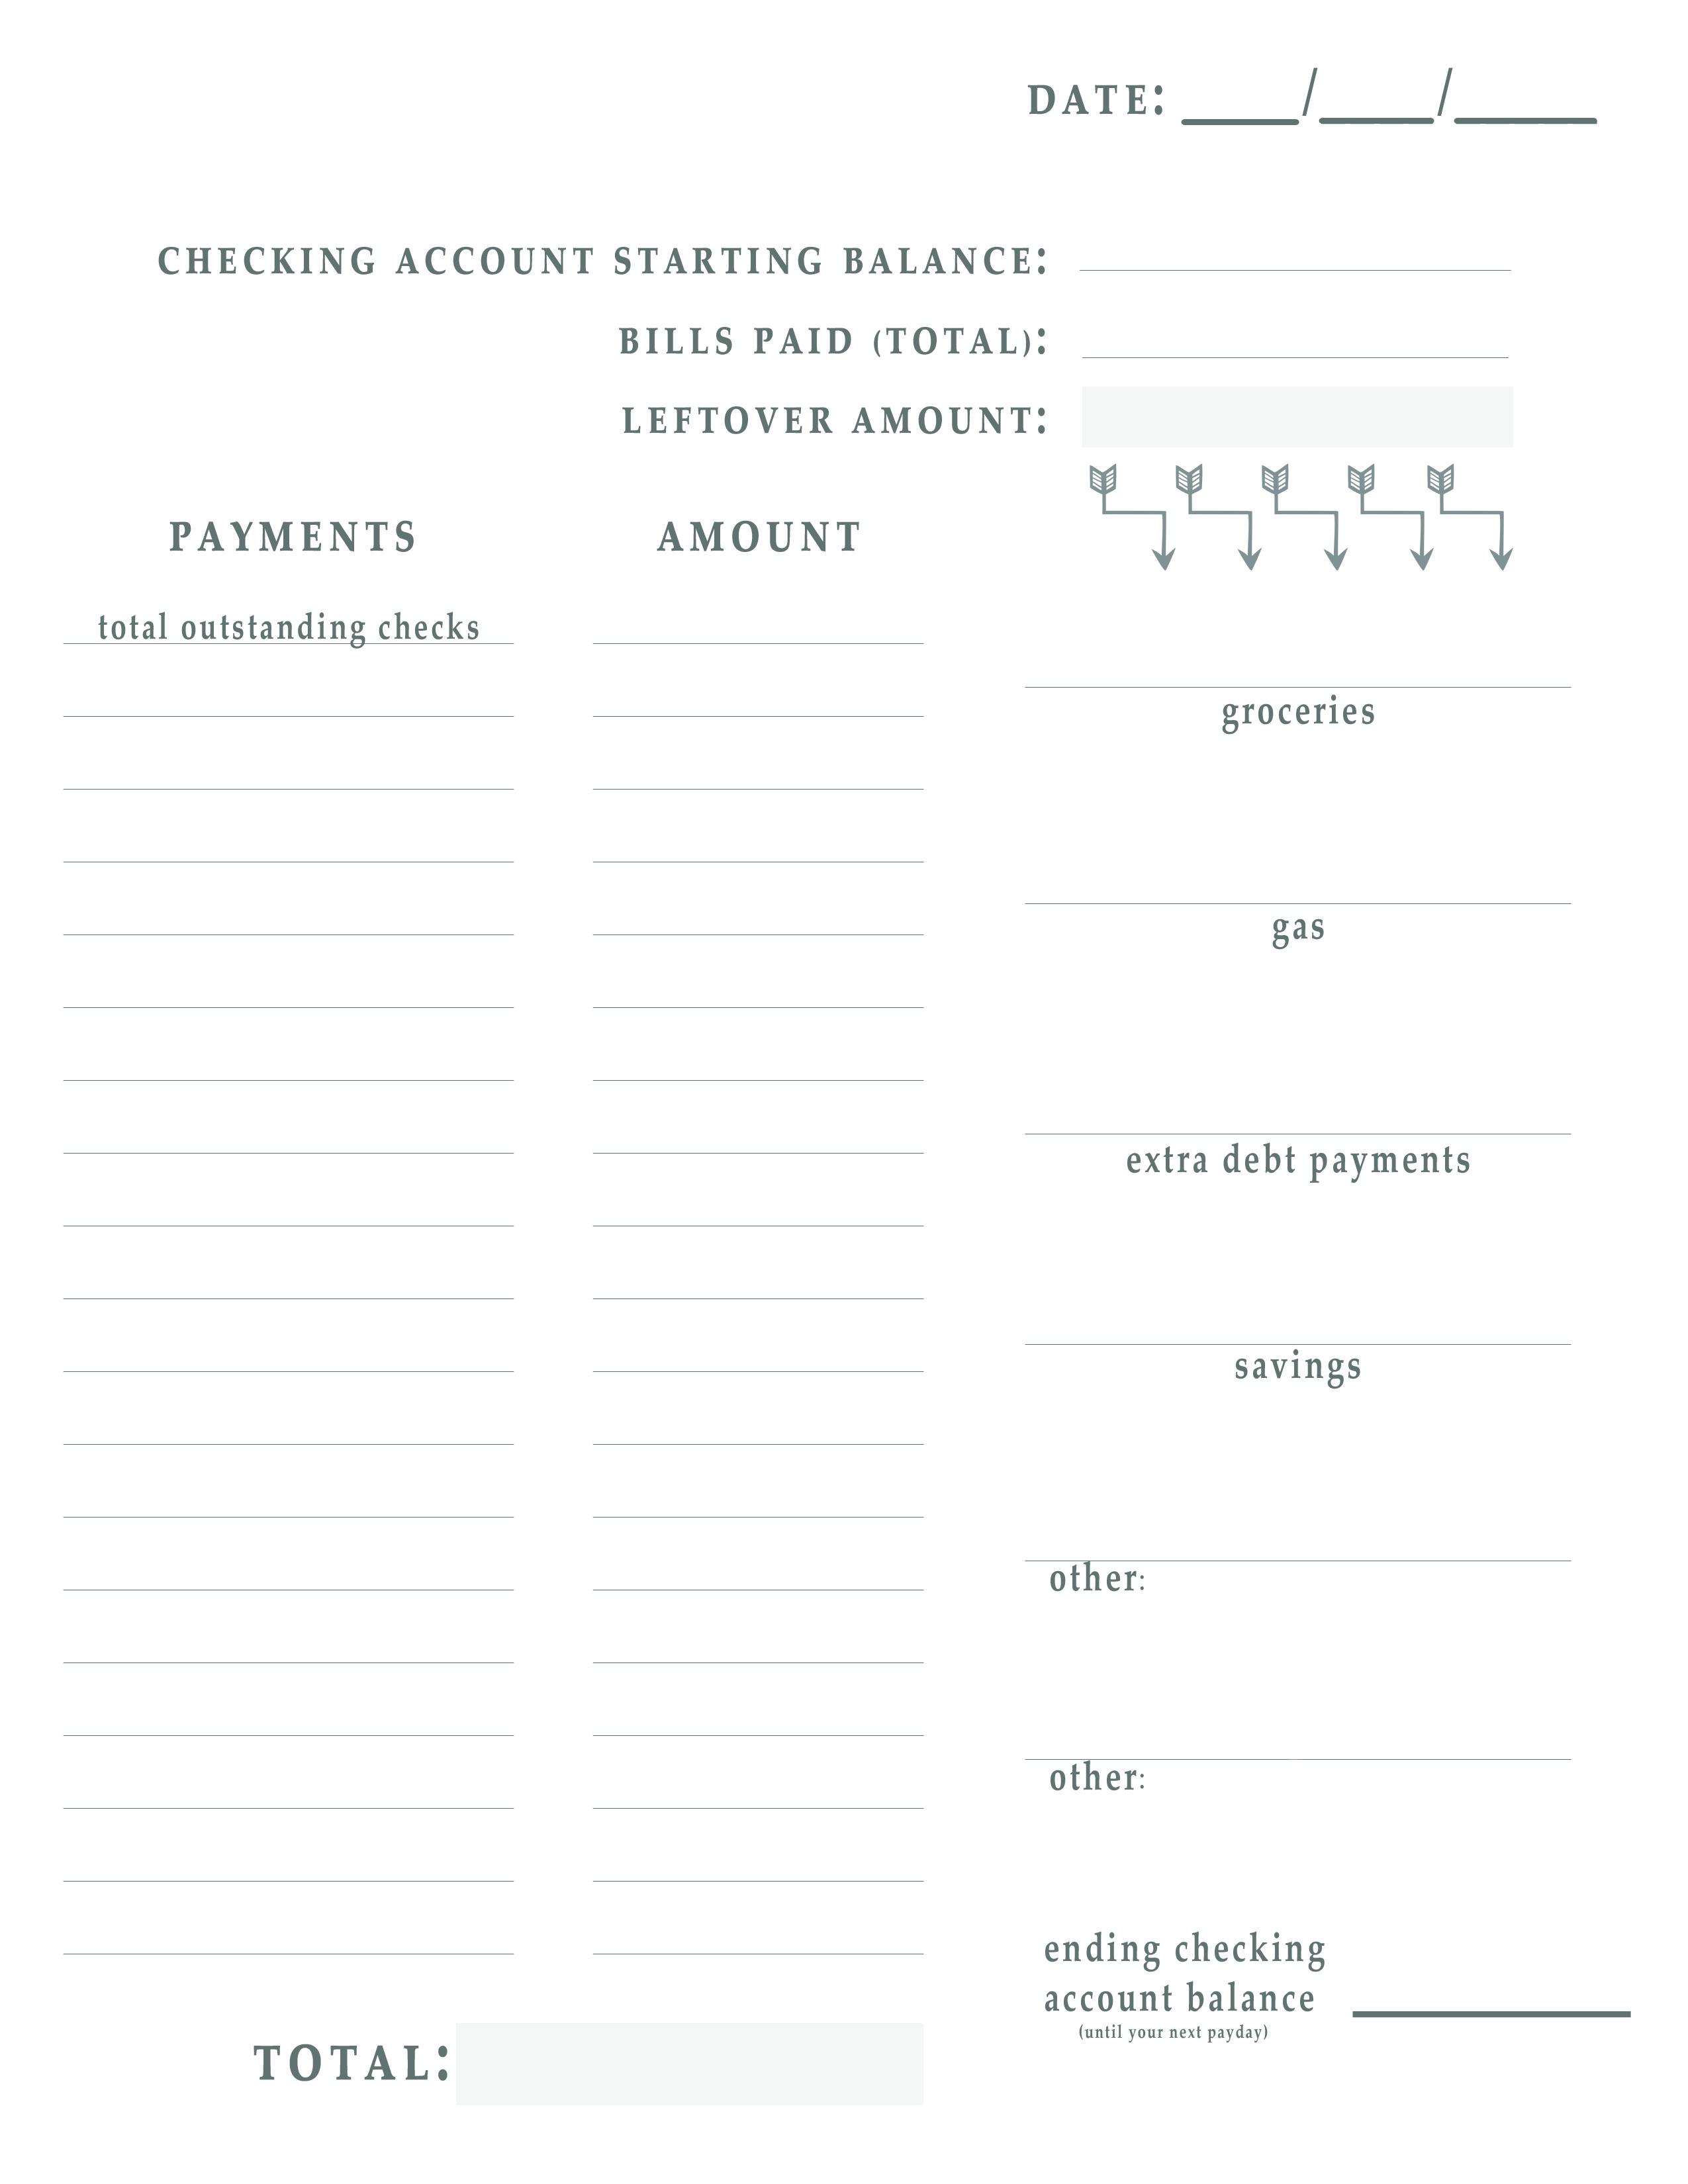 Bill Pay Worksheet Free Printable throughout Bill Pay Worksheet Printable